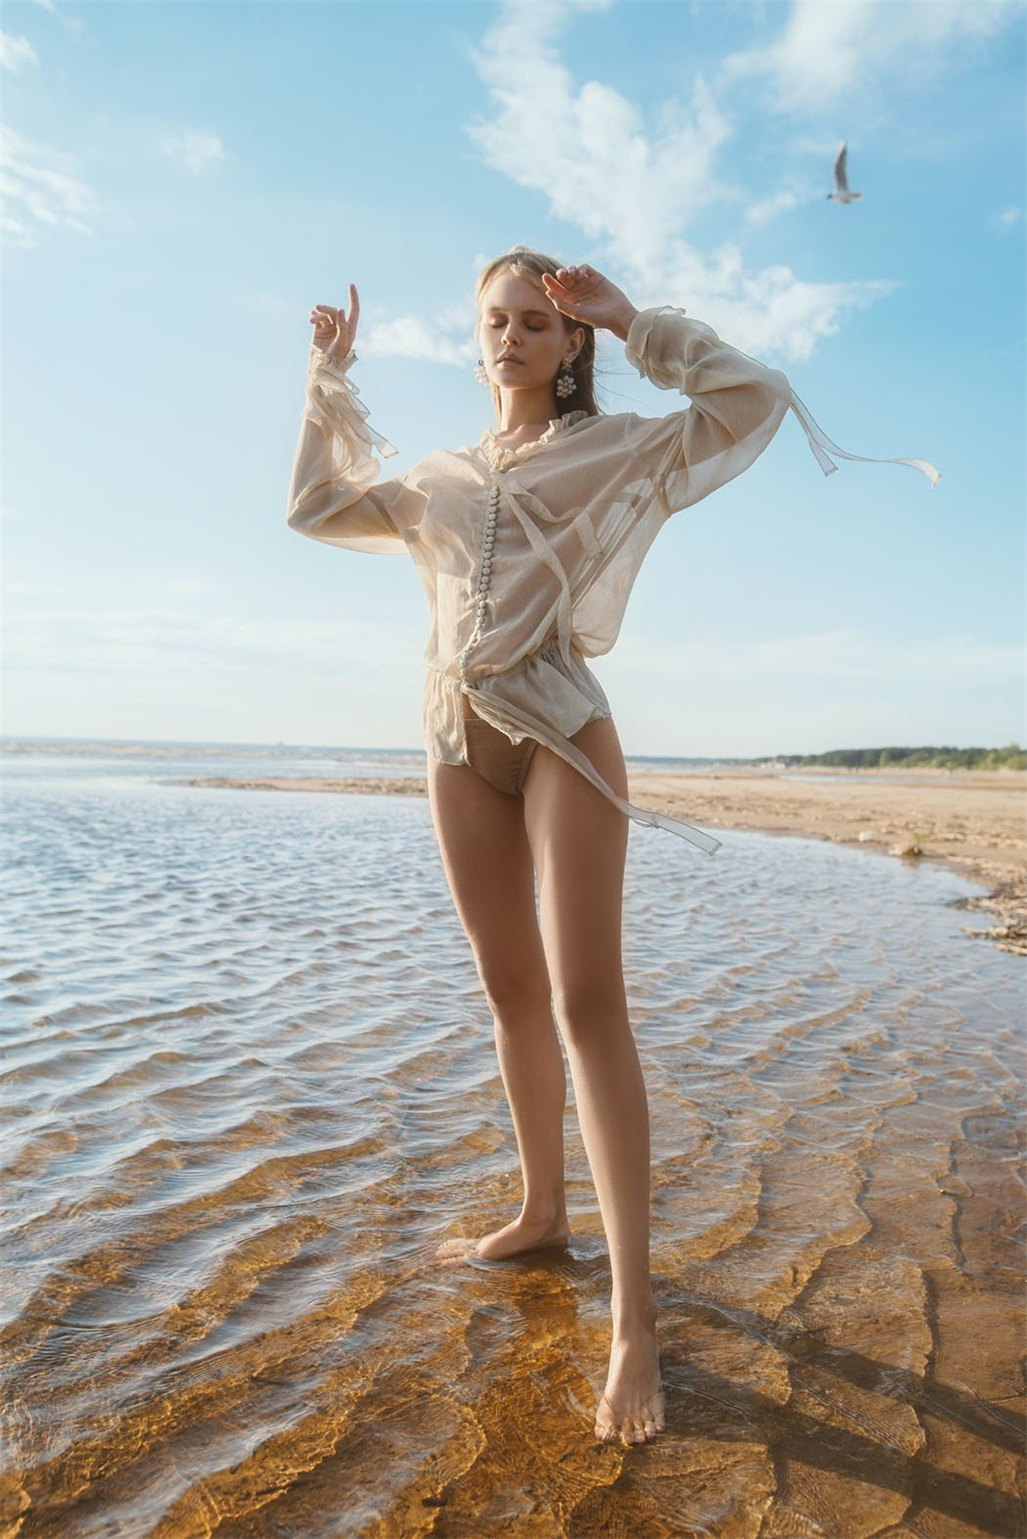 Отдых на Финском заливе с Анастасией Щегловой / Golden Moments - Anastasiya Scheglova by Tatiana Mertsalova